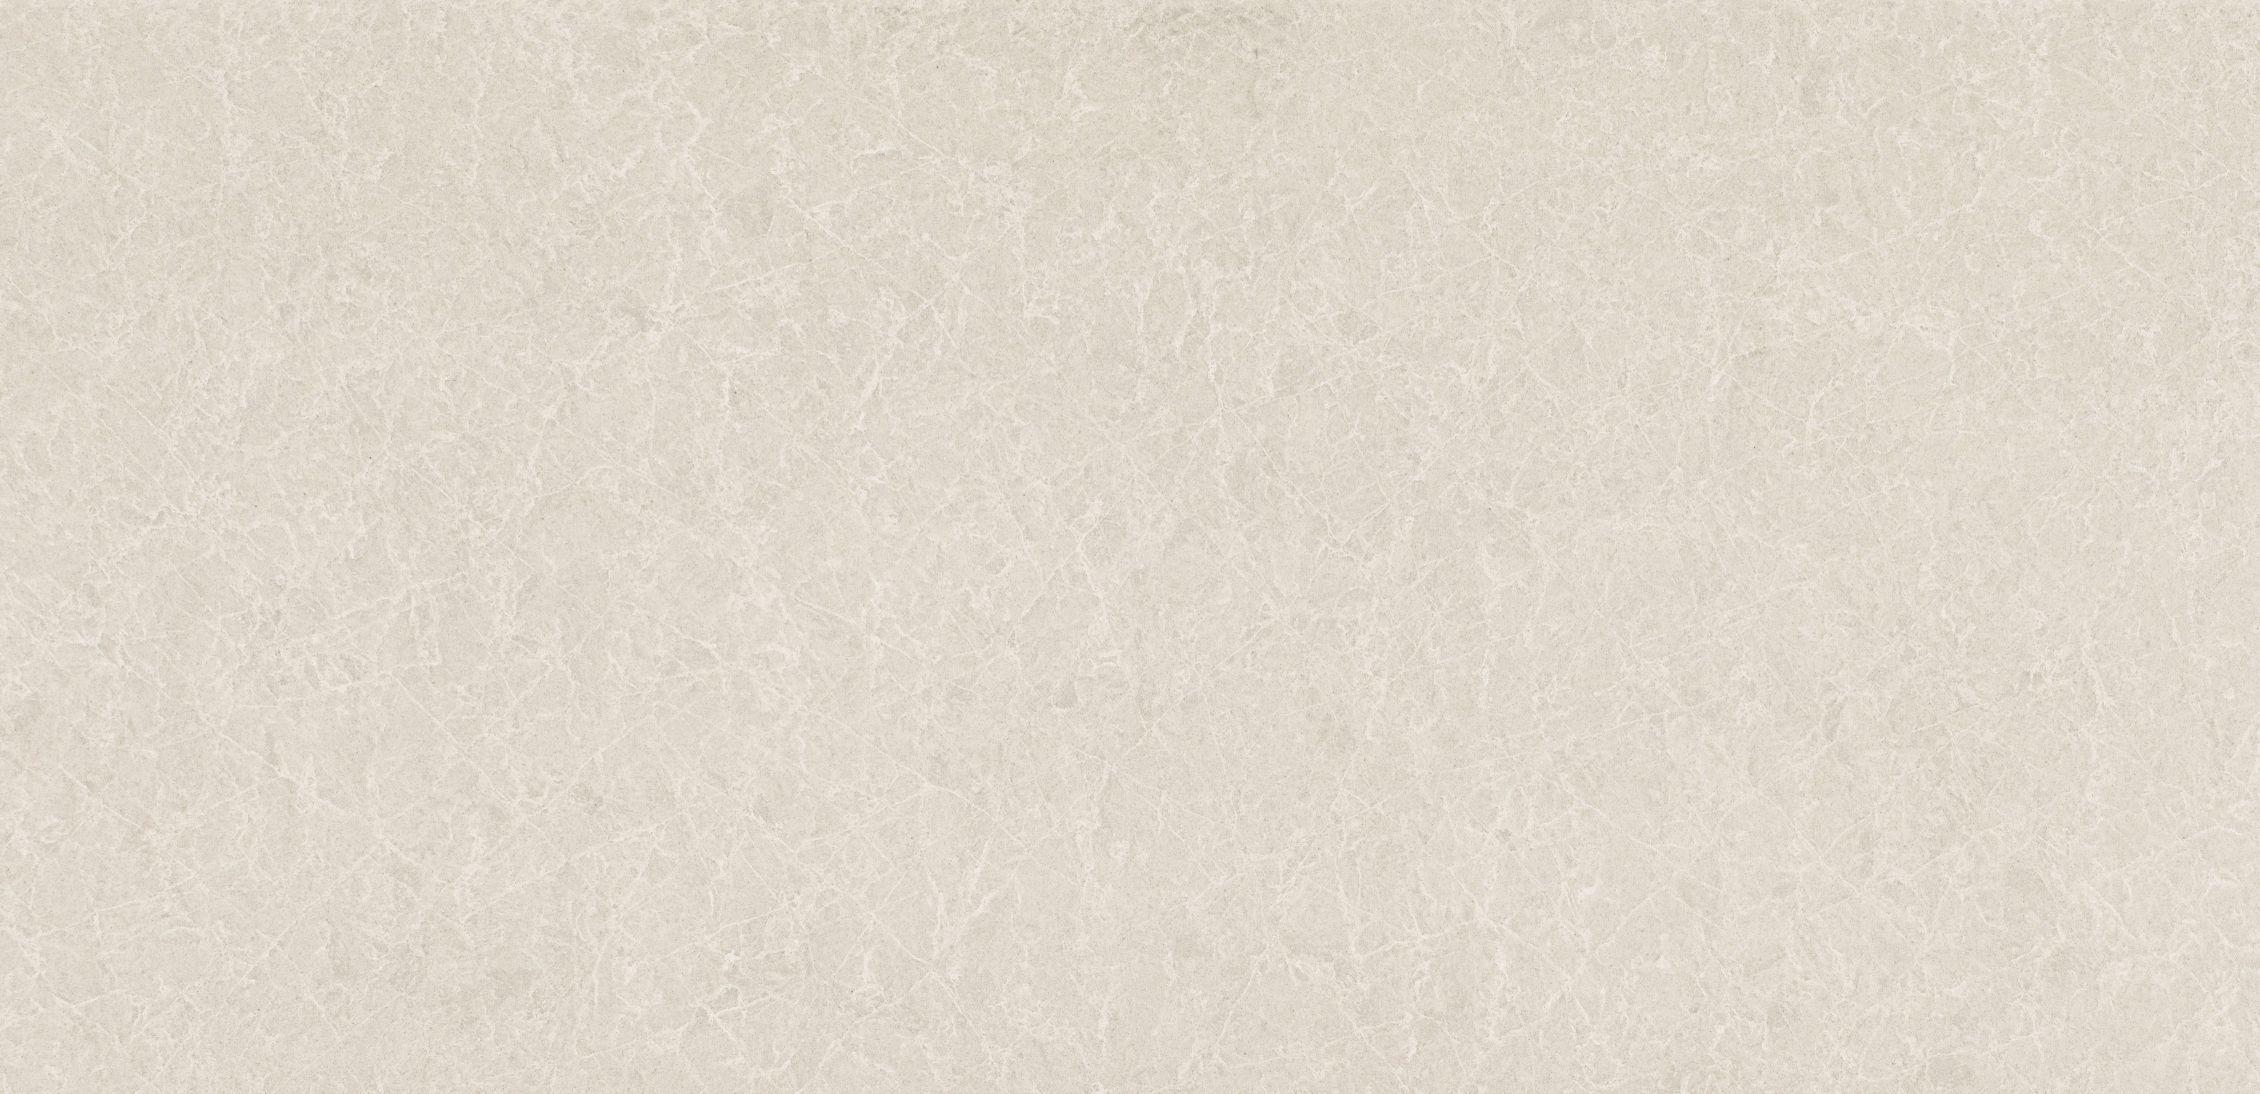 אבן קיסר דגם 5130 תמונה ראשית